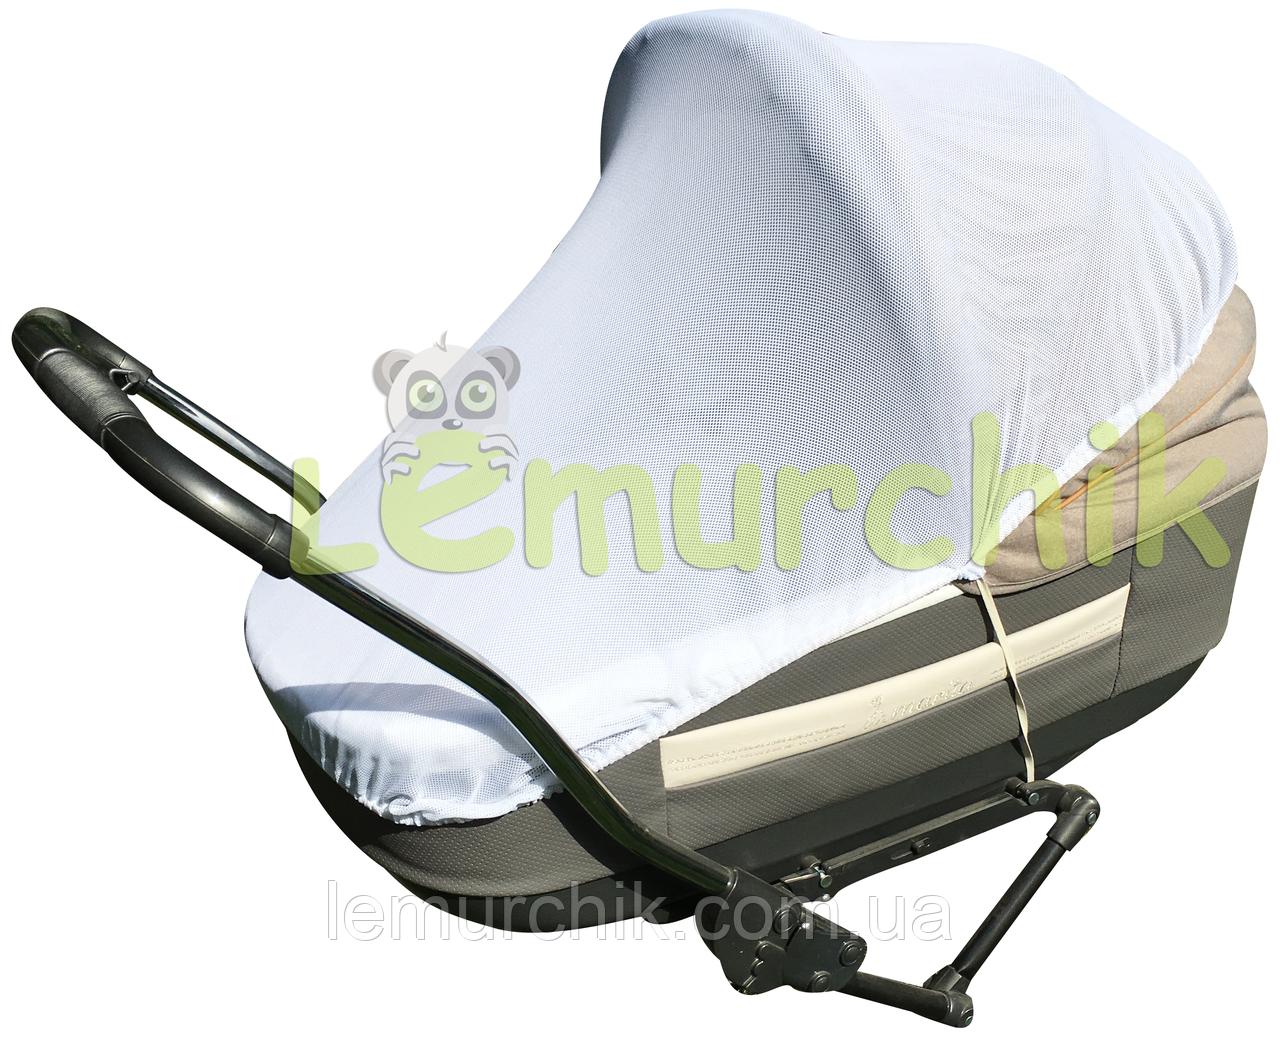 Антимоскітна сітка для коляски універсальна (на гумках)